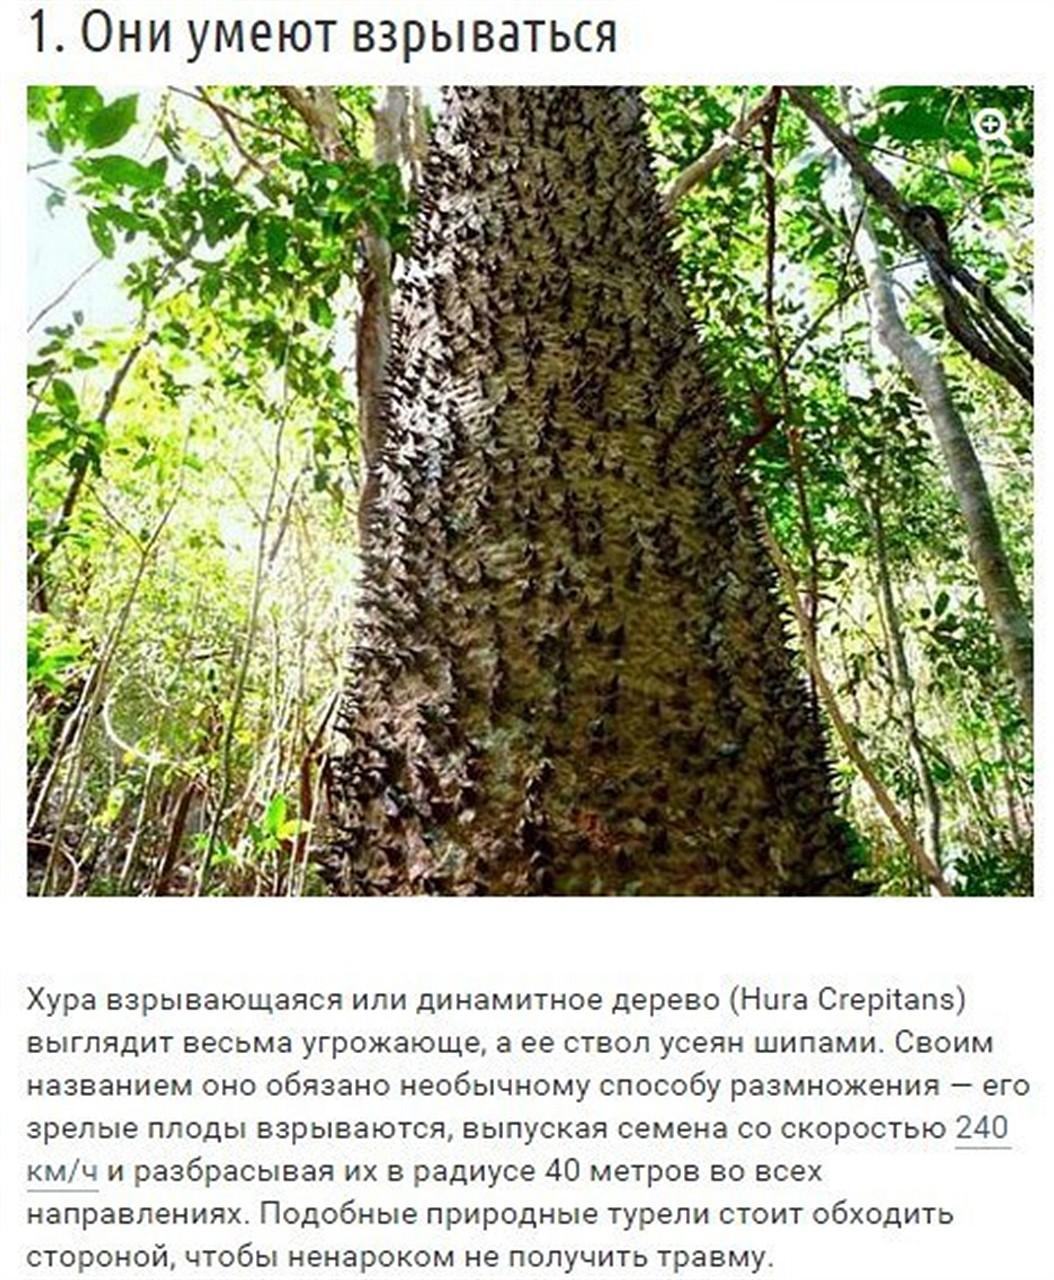 10 странных вещей, которые умеют делать деревья природа, факты